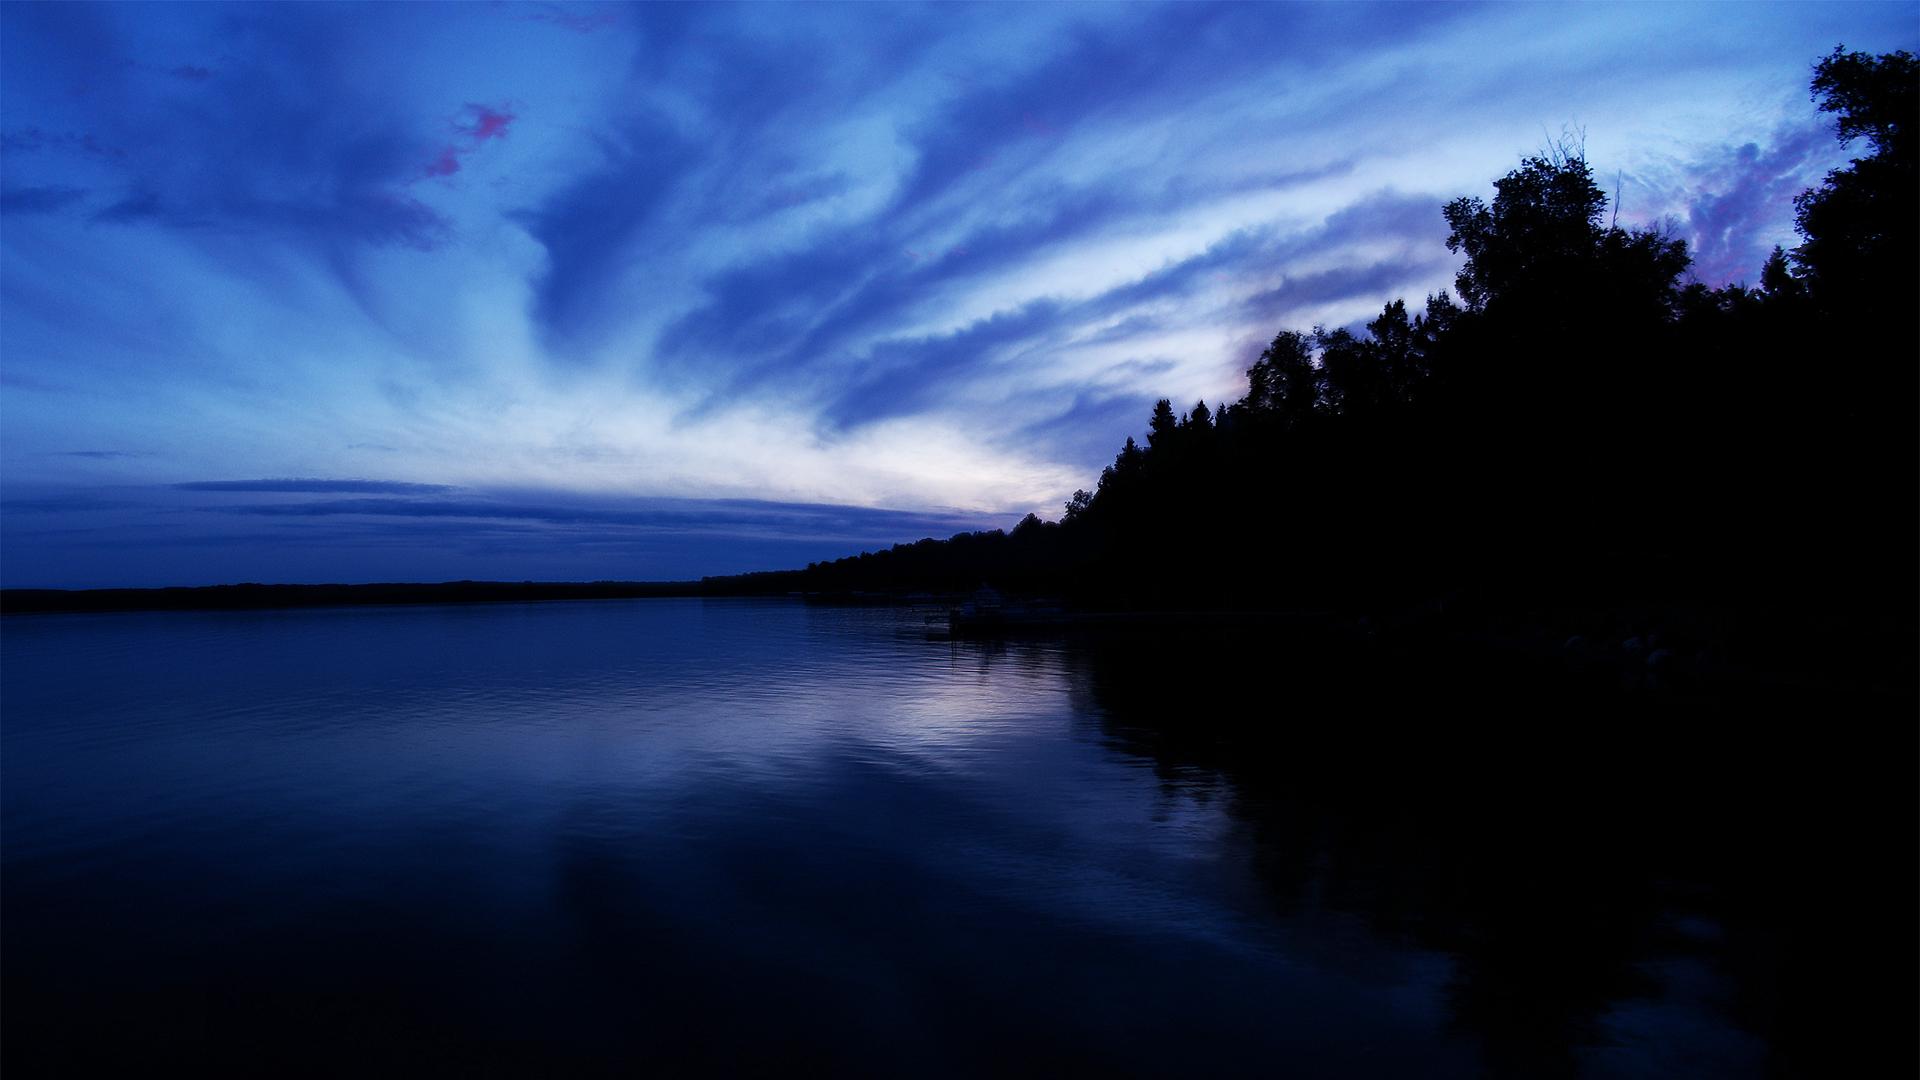 Sunset Wallpapers Stunning - HD Desktop Wallpapers